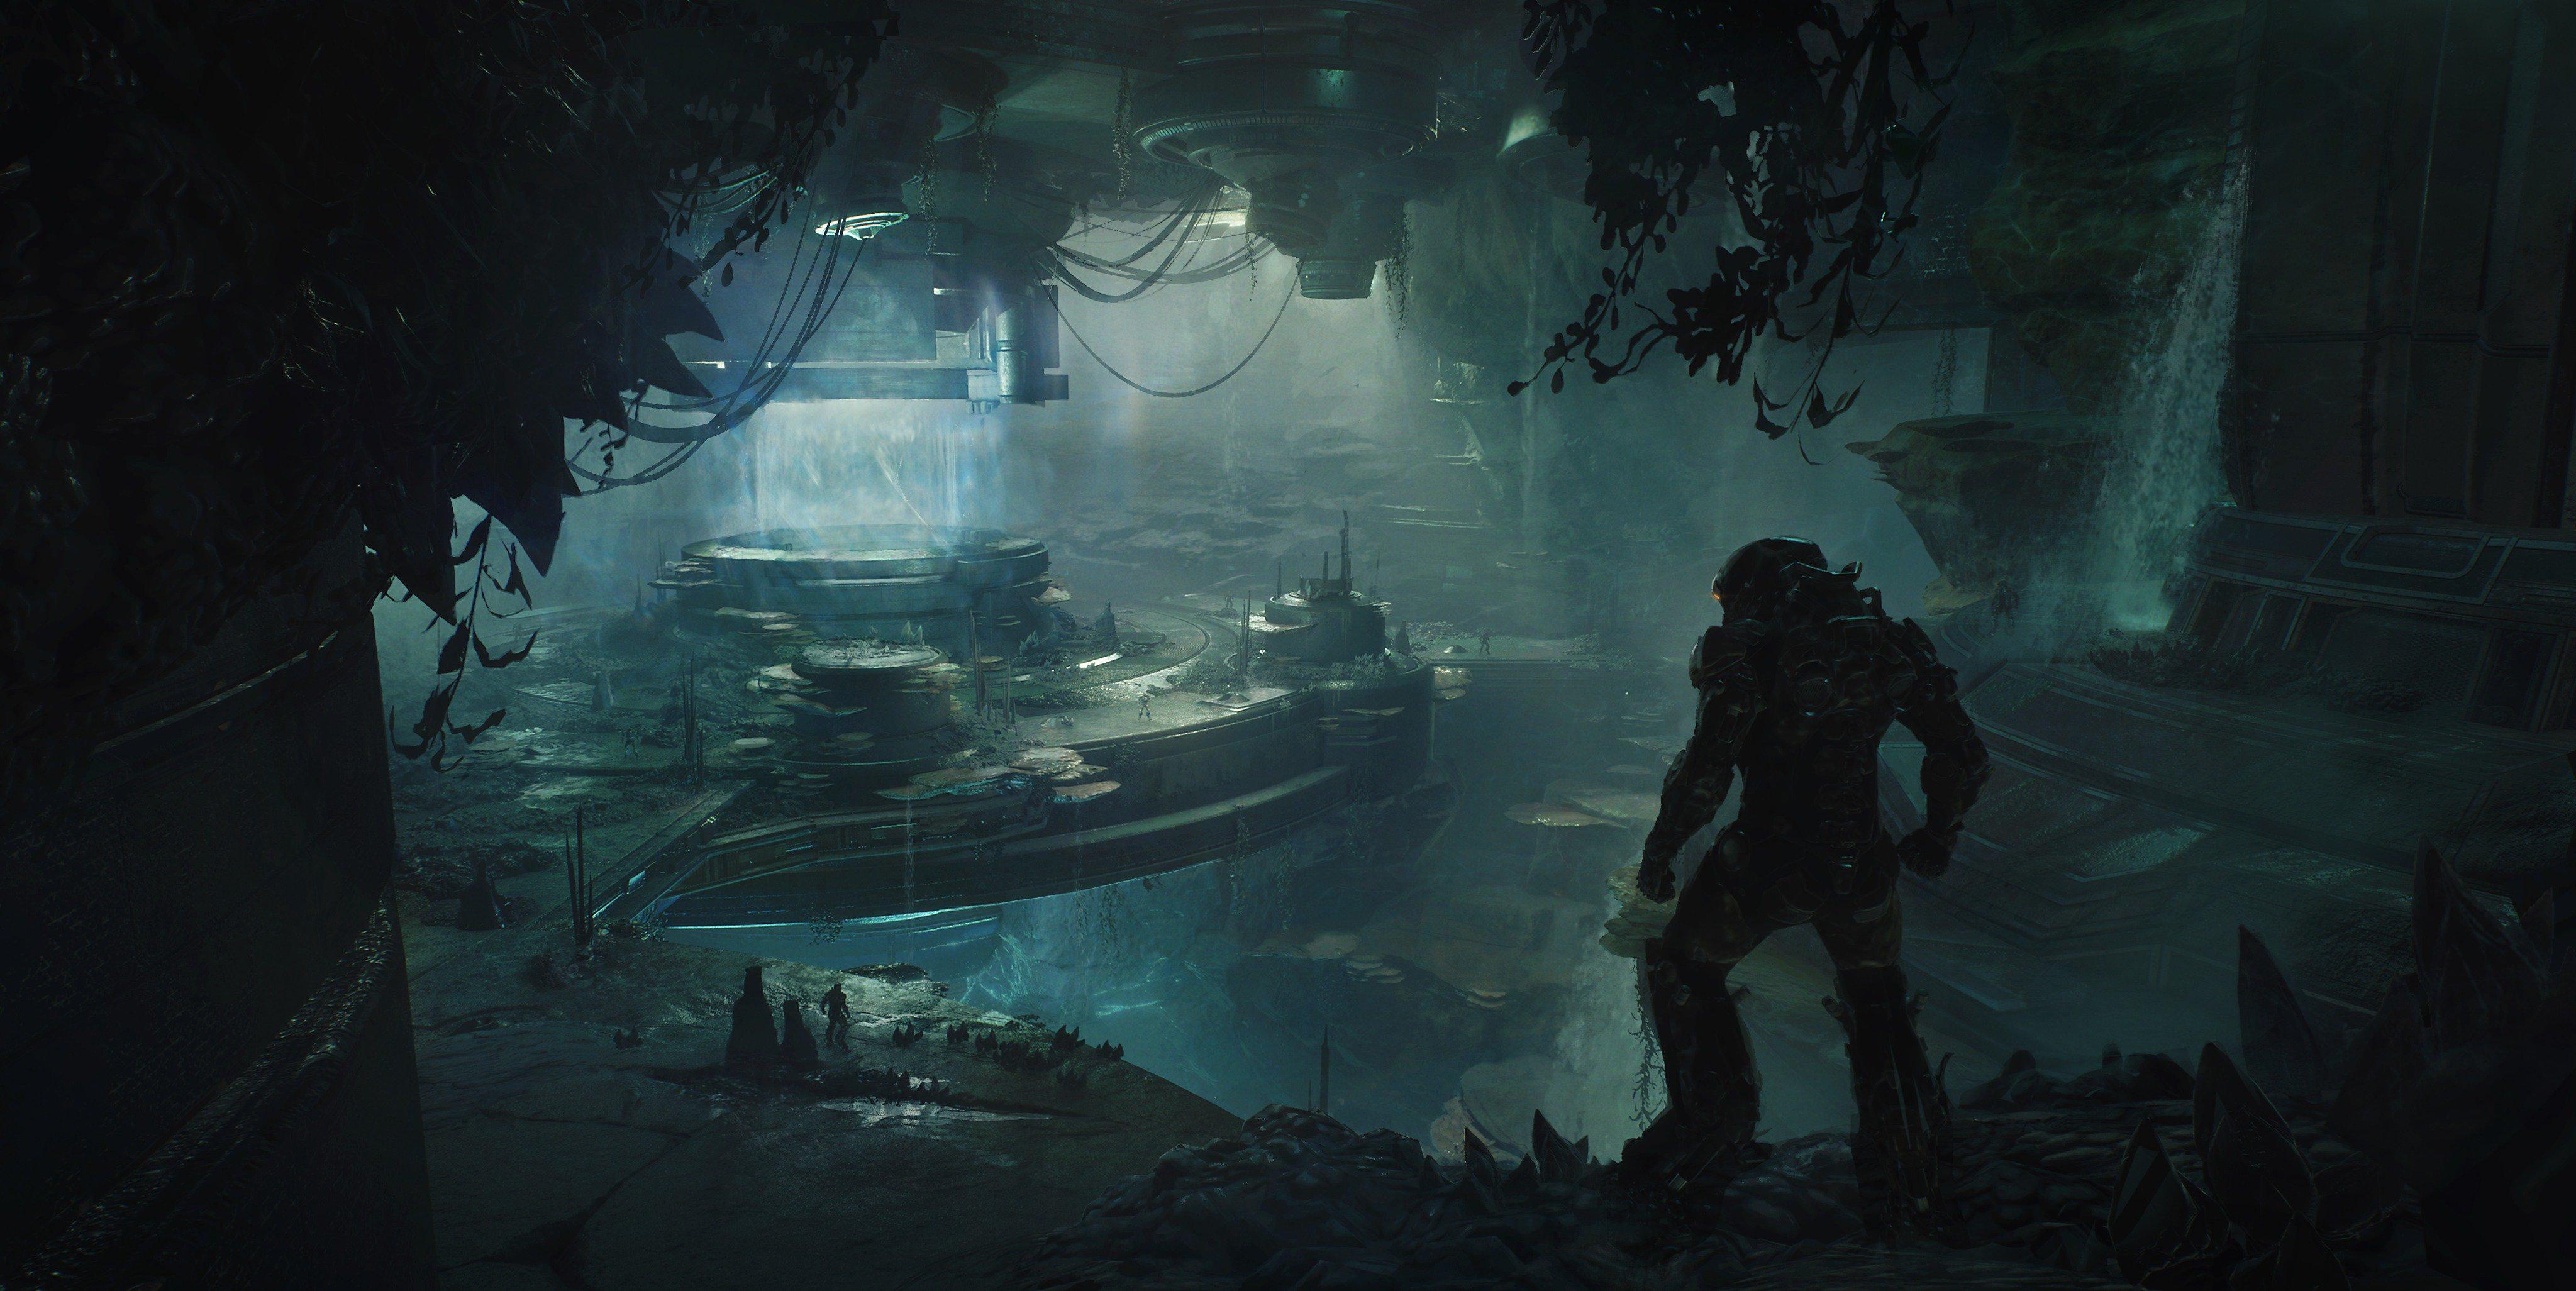 《圣歌》4月内容更新今晚8点开放下载 BioWare还将发布未来90天的更新计划